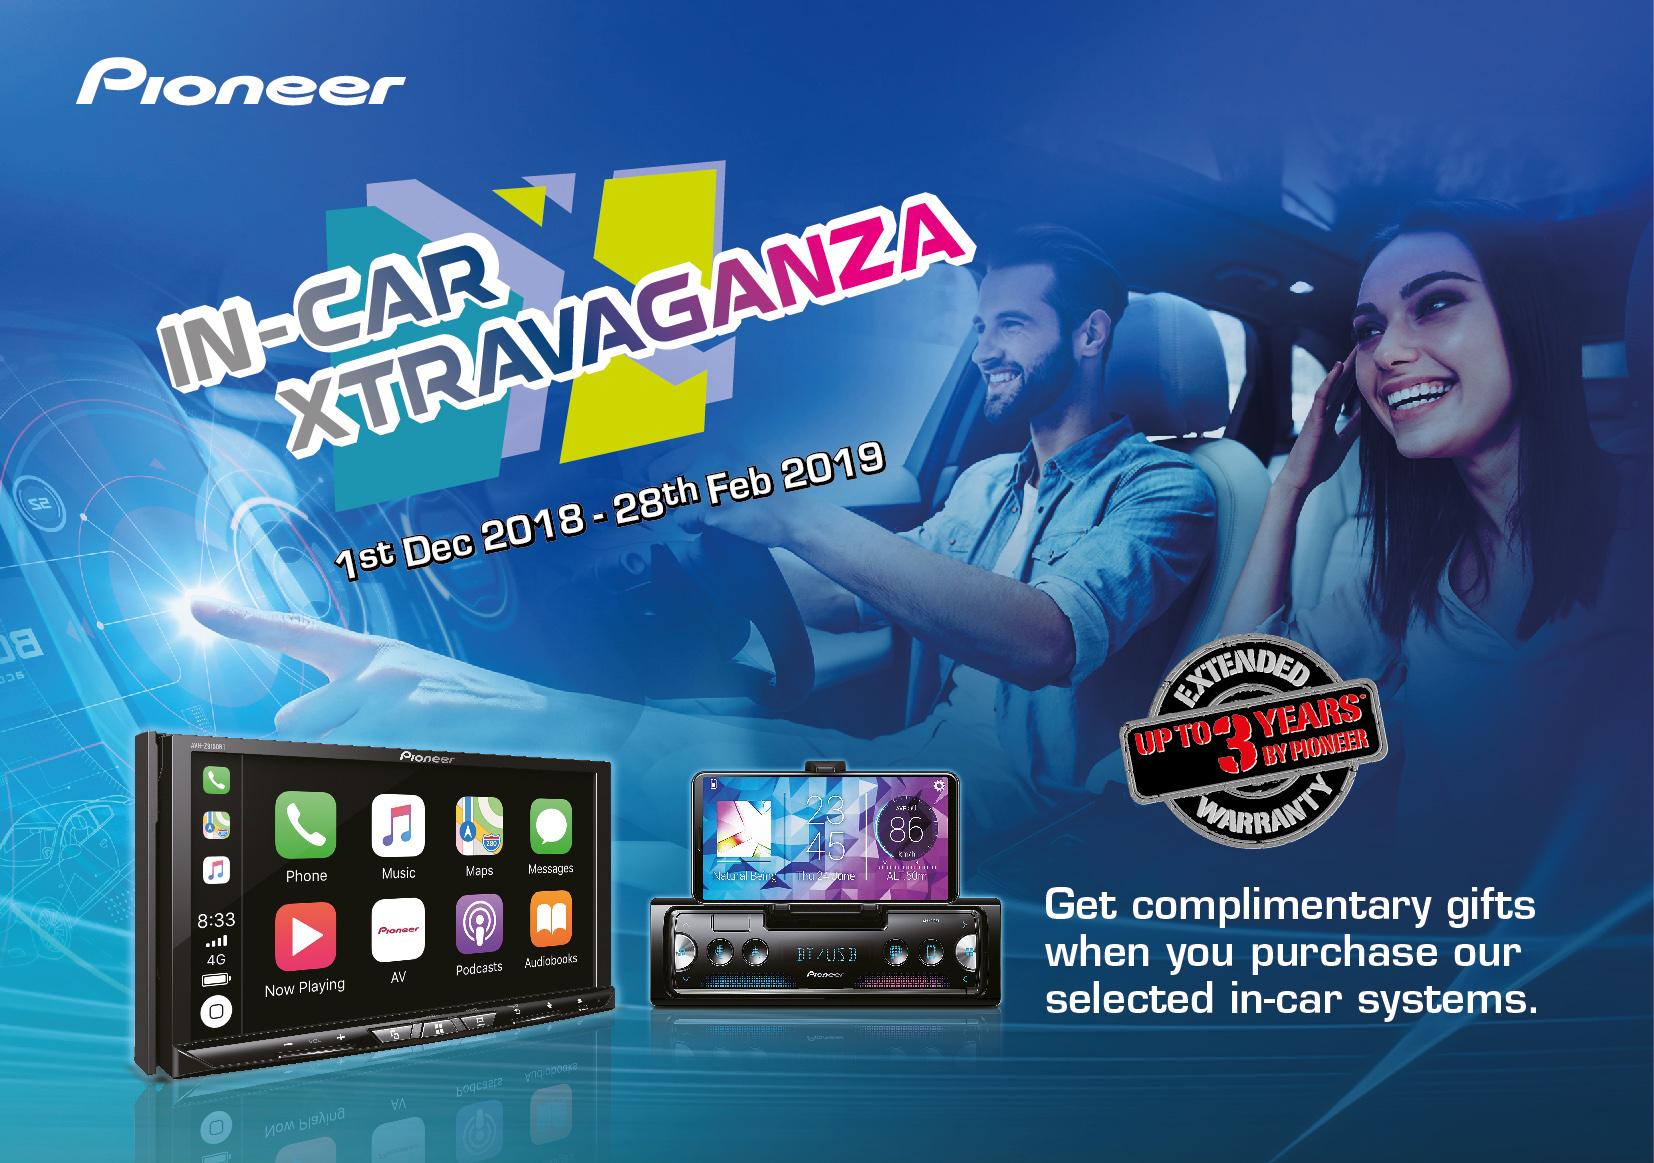 Pioneer In-Car Xtravaganza 2018 Promo Image